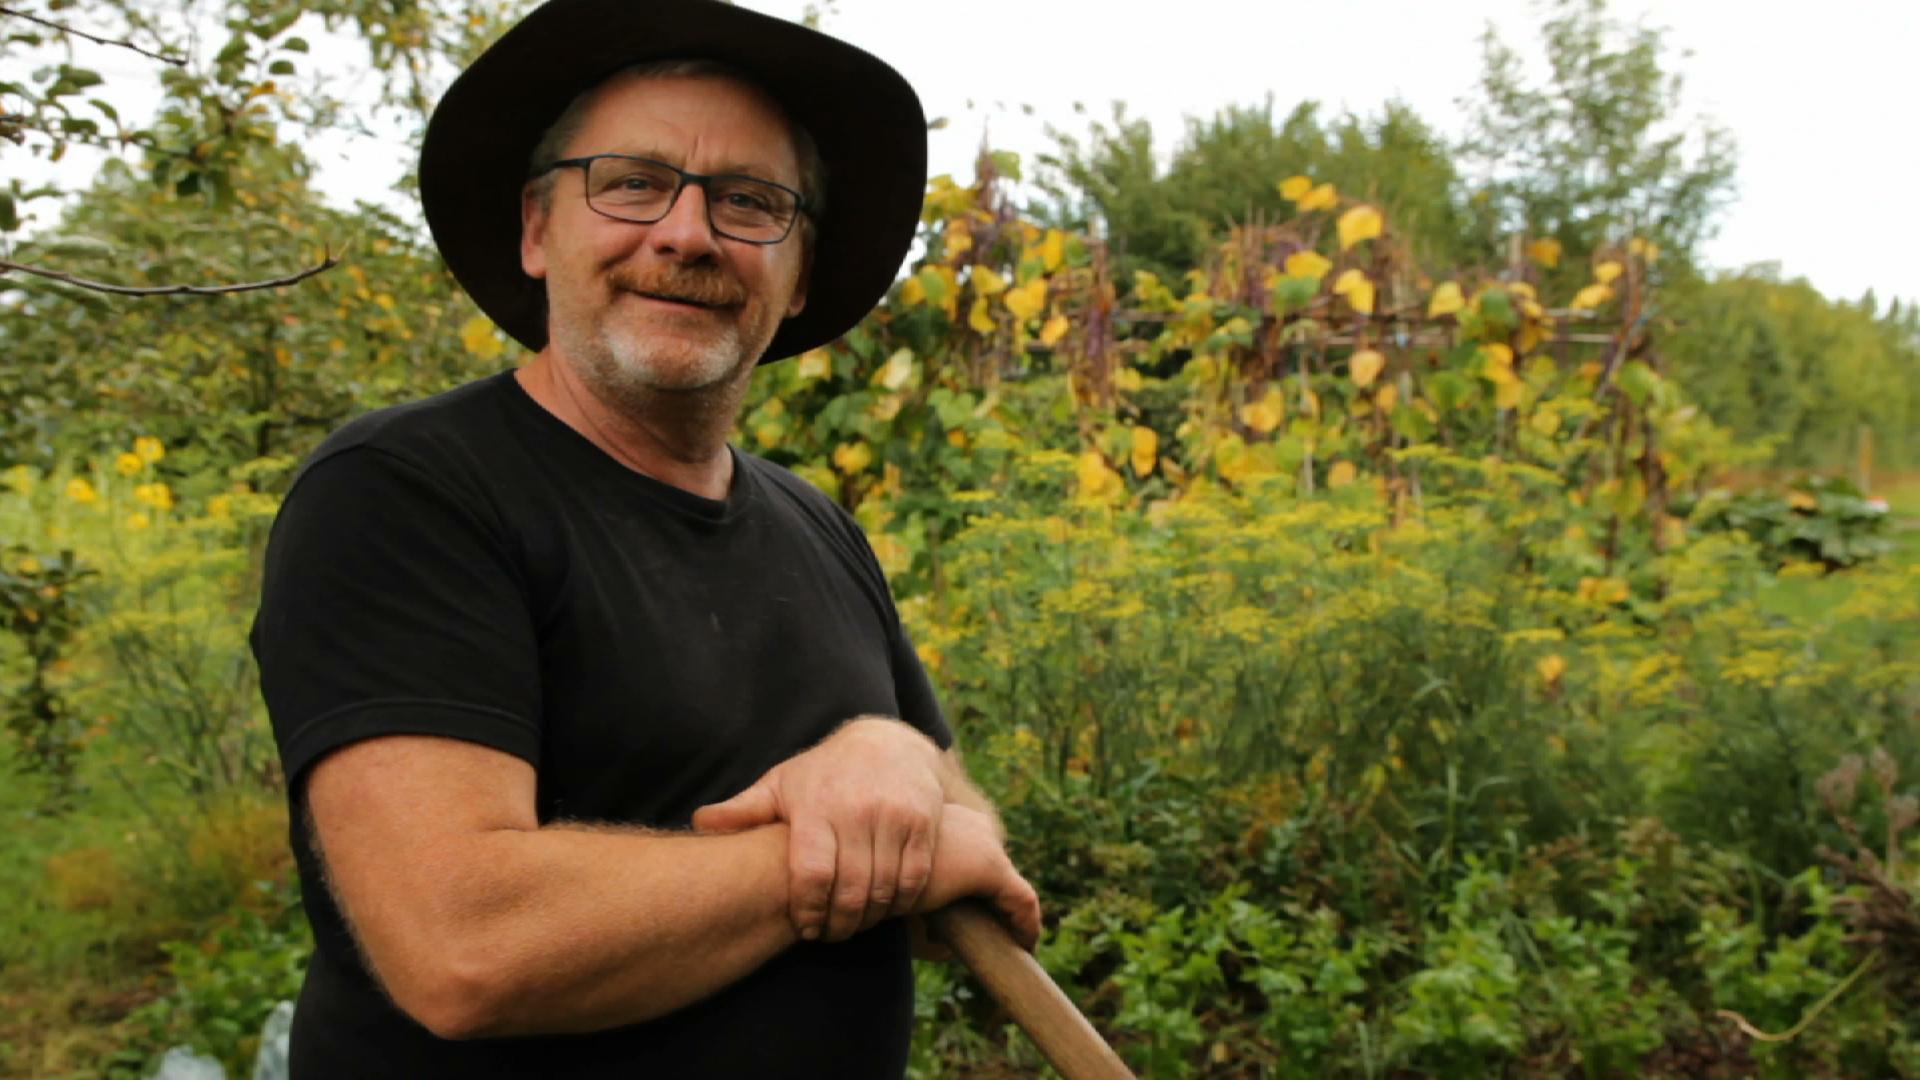 Inventer Demain, c'est Aujourd'hui #1 – Jardiner autrement / Fédération des Parcs naturels régionaux de France